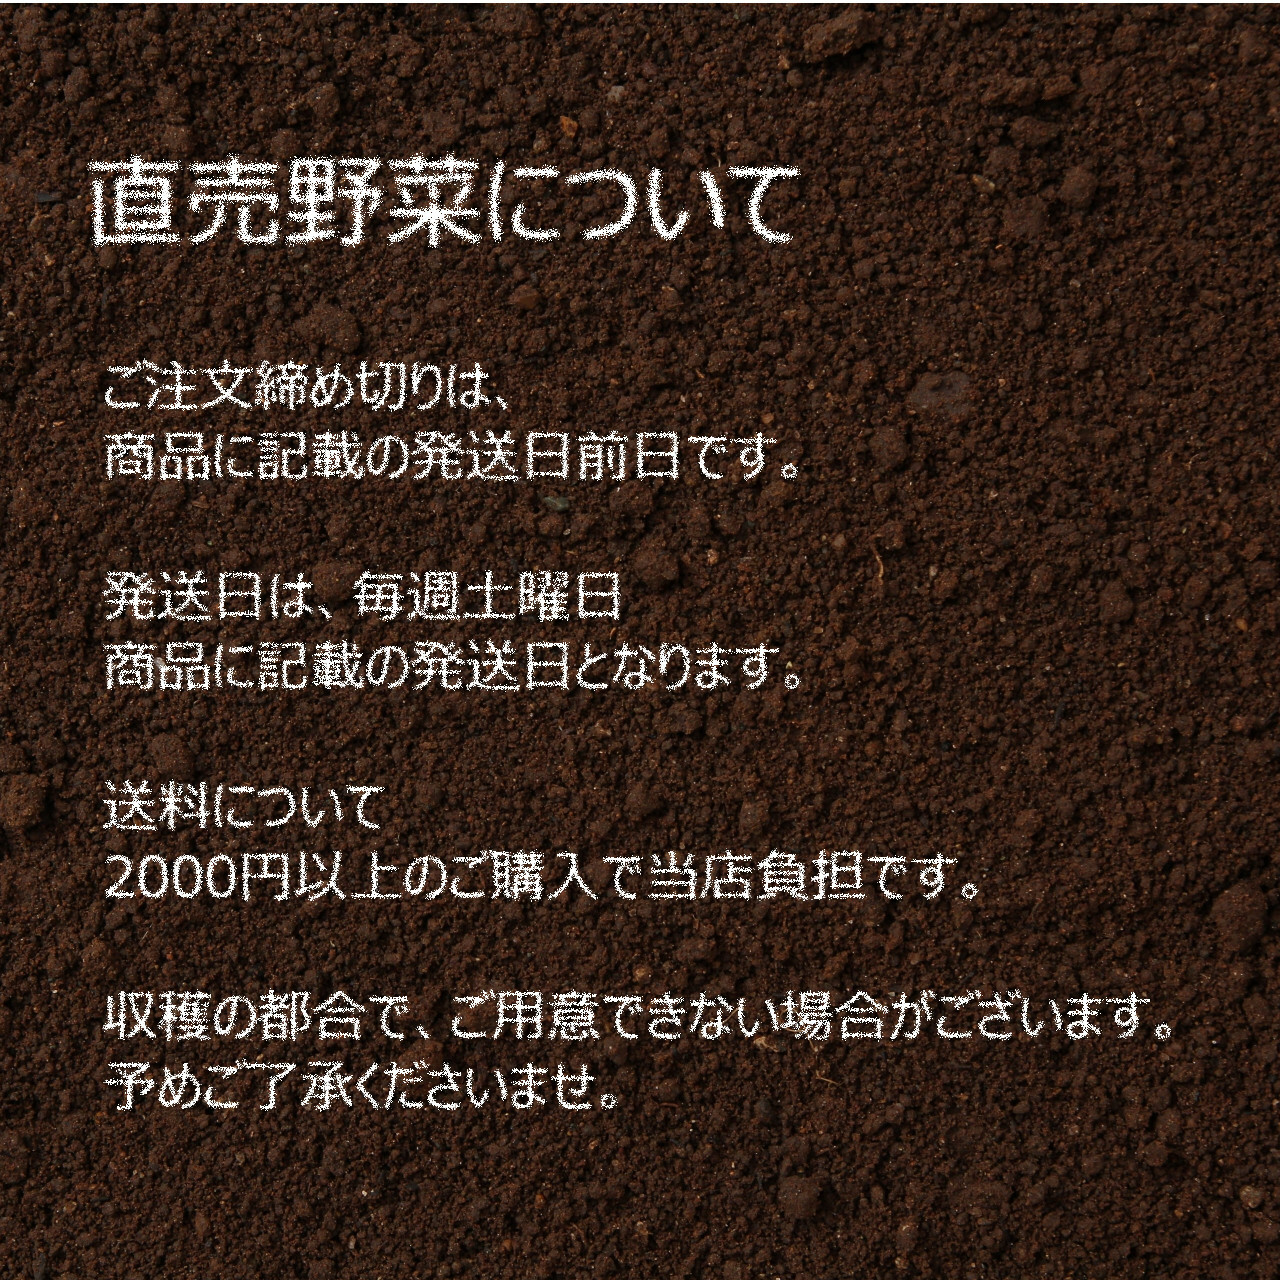 10月の朝採り直売野菜: ミョウガ 約5~6個 新鮮な秋野菜  10月5日発送予定